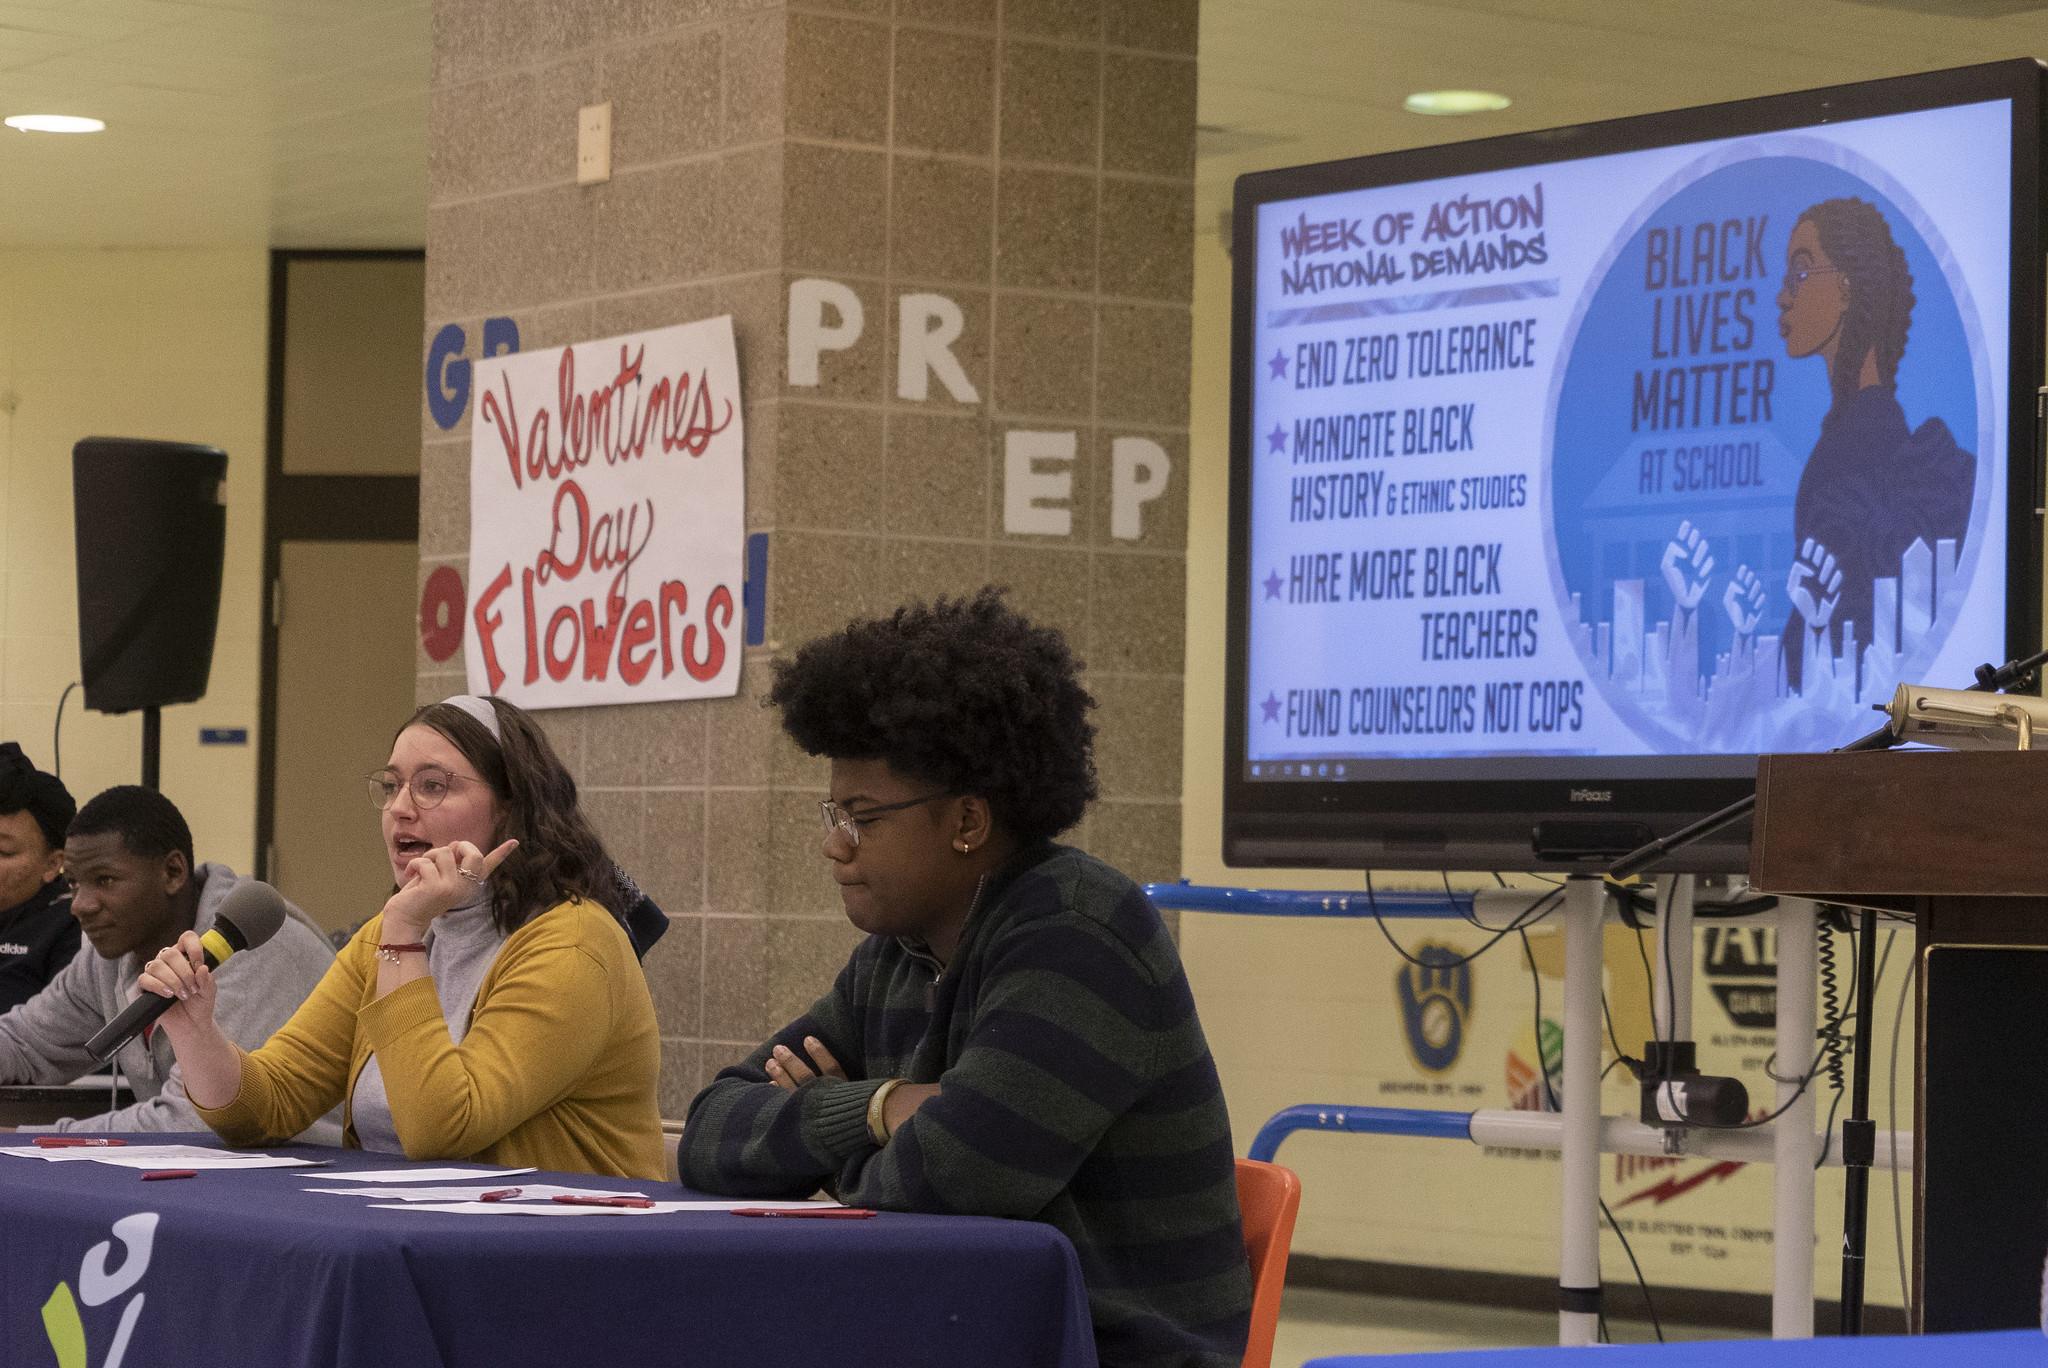 <em> Evento Black Lives Matter at School (Black Lives Matter na escola) realizado em fevereiro de 2020 em Milwaukee, no estado de Wisconsin (Crédito: MTEA) </em>